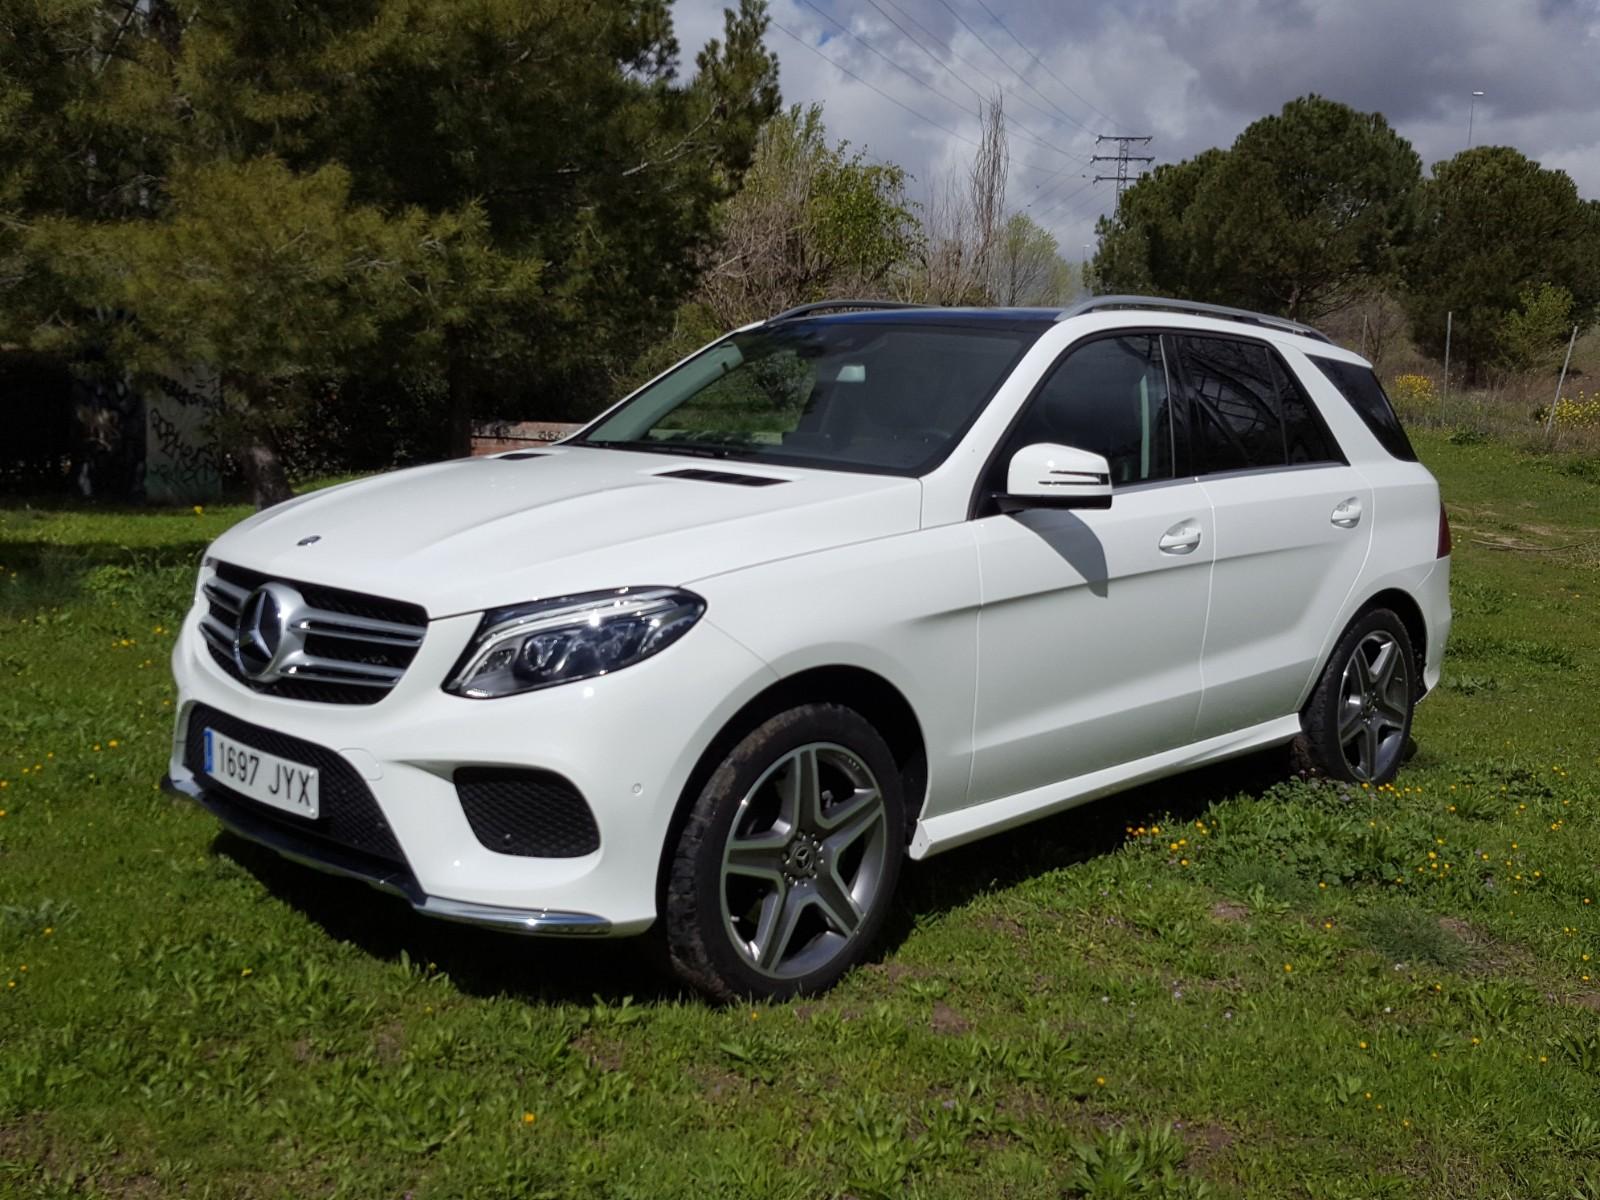 Mercedes-Benz GLE, en su elemento por cualquier terreno